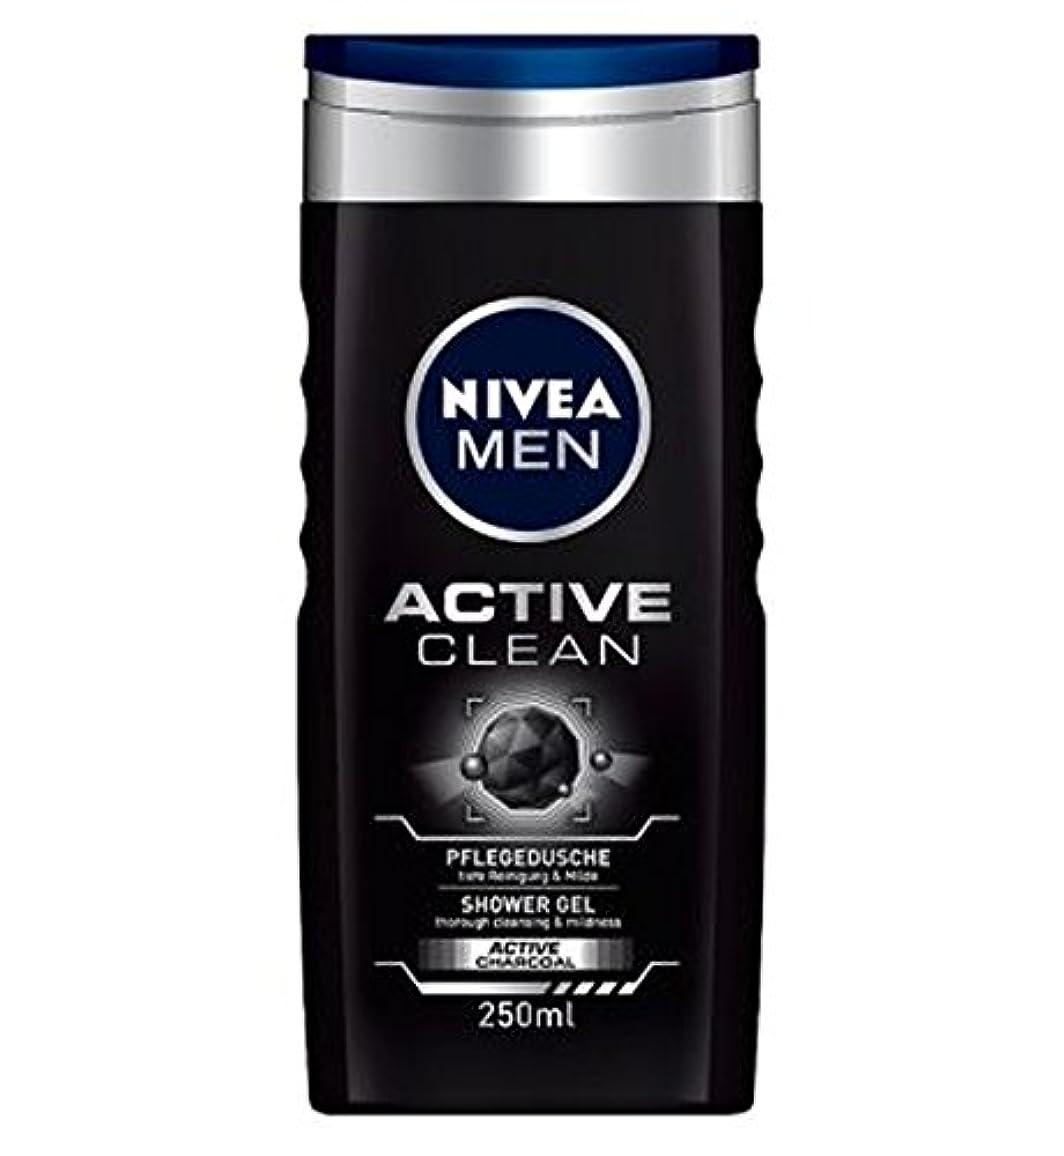 ロゴ続編アルファベットNIVEA MEN Active Clean Shower Gel 250ml - ニベアの男性アクティブクリーンシャワージェル250ミリリットル (Nivea) [並行輸入品]